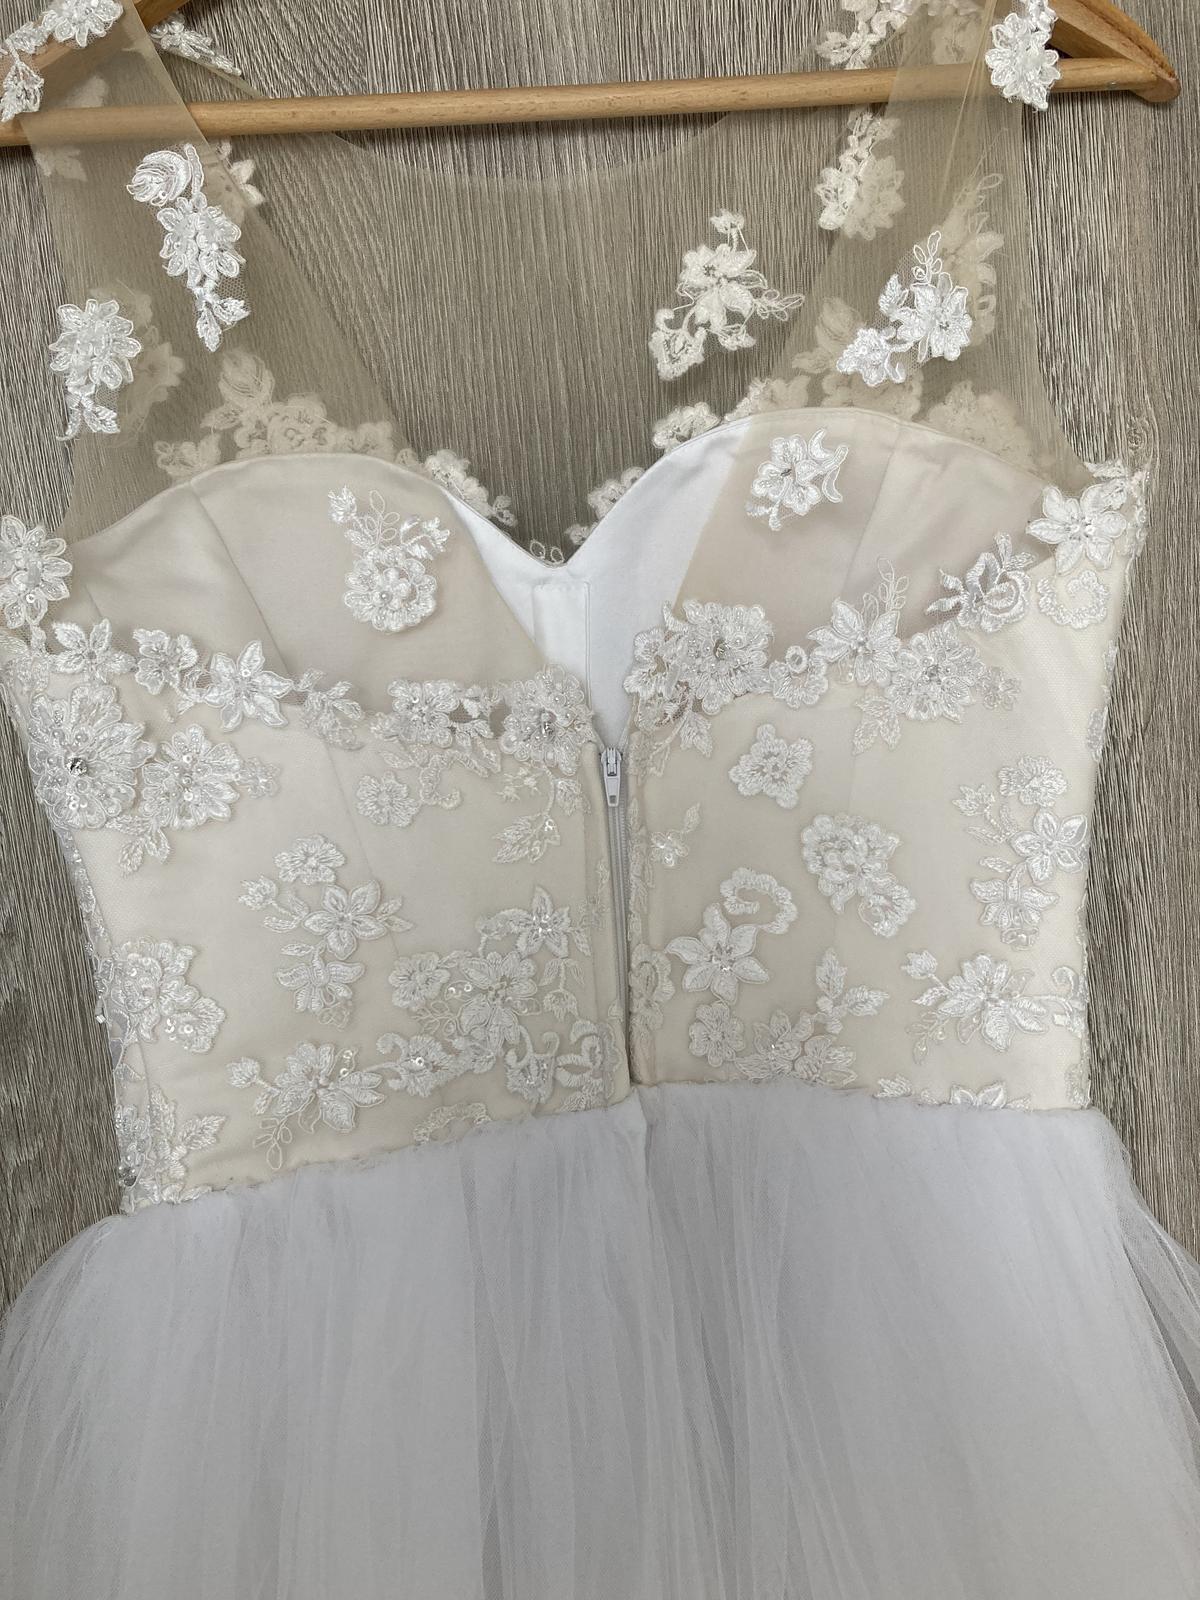 svadobné šaty veľkosť 34-36 - Obrázok č. 2